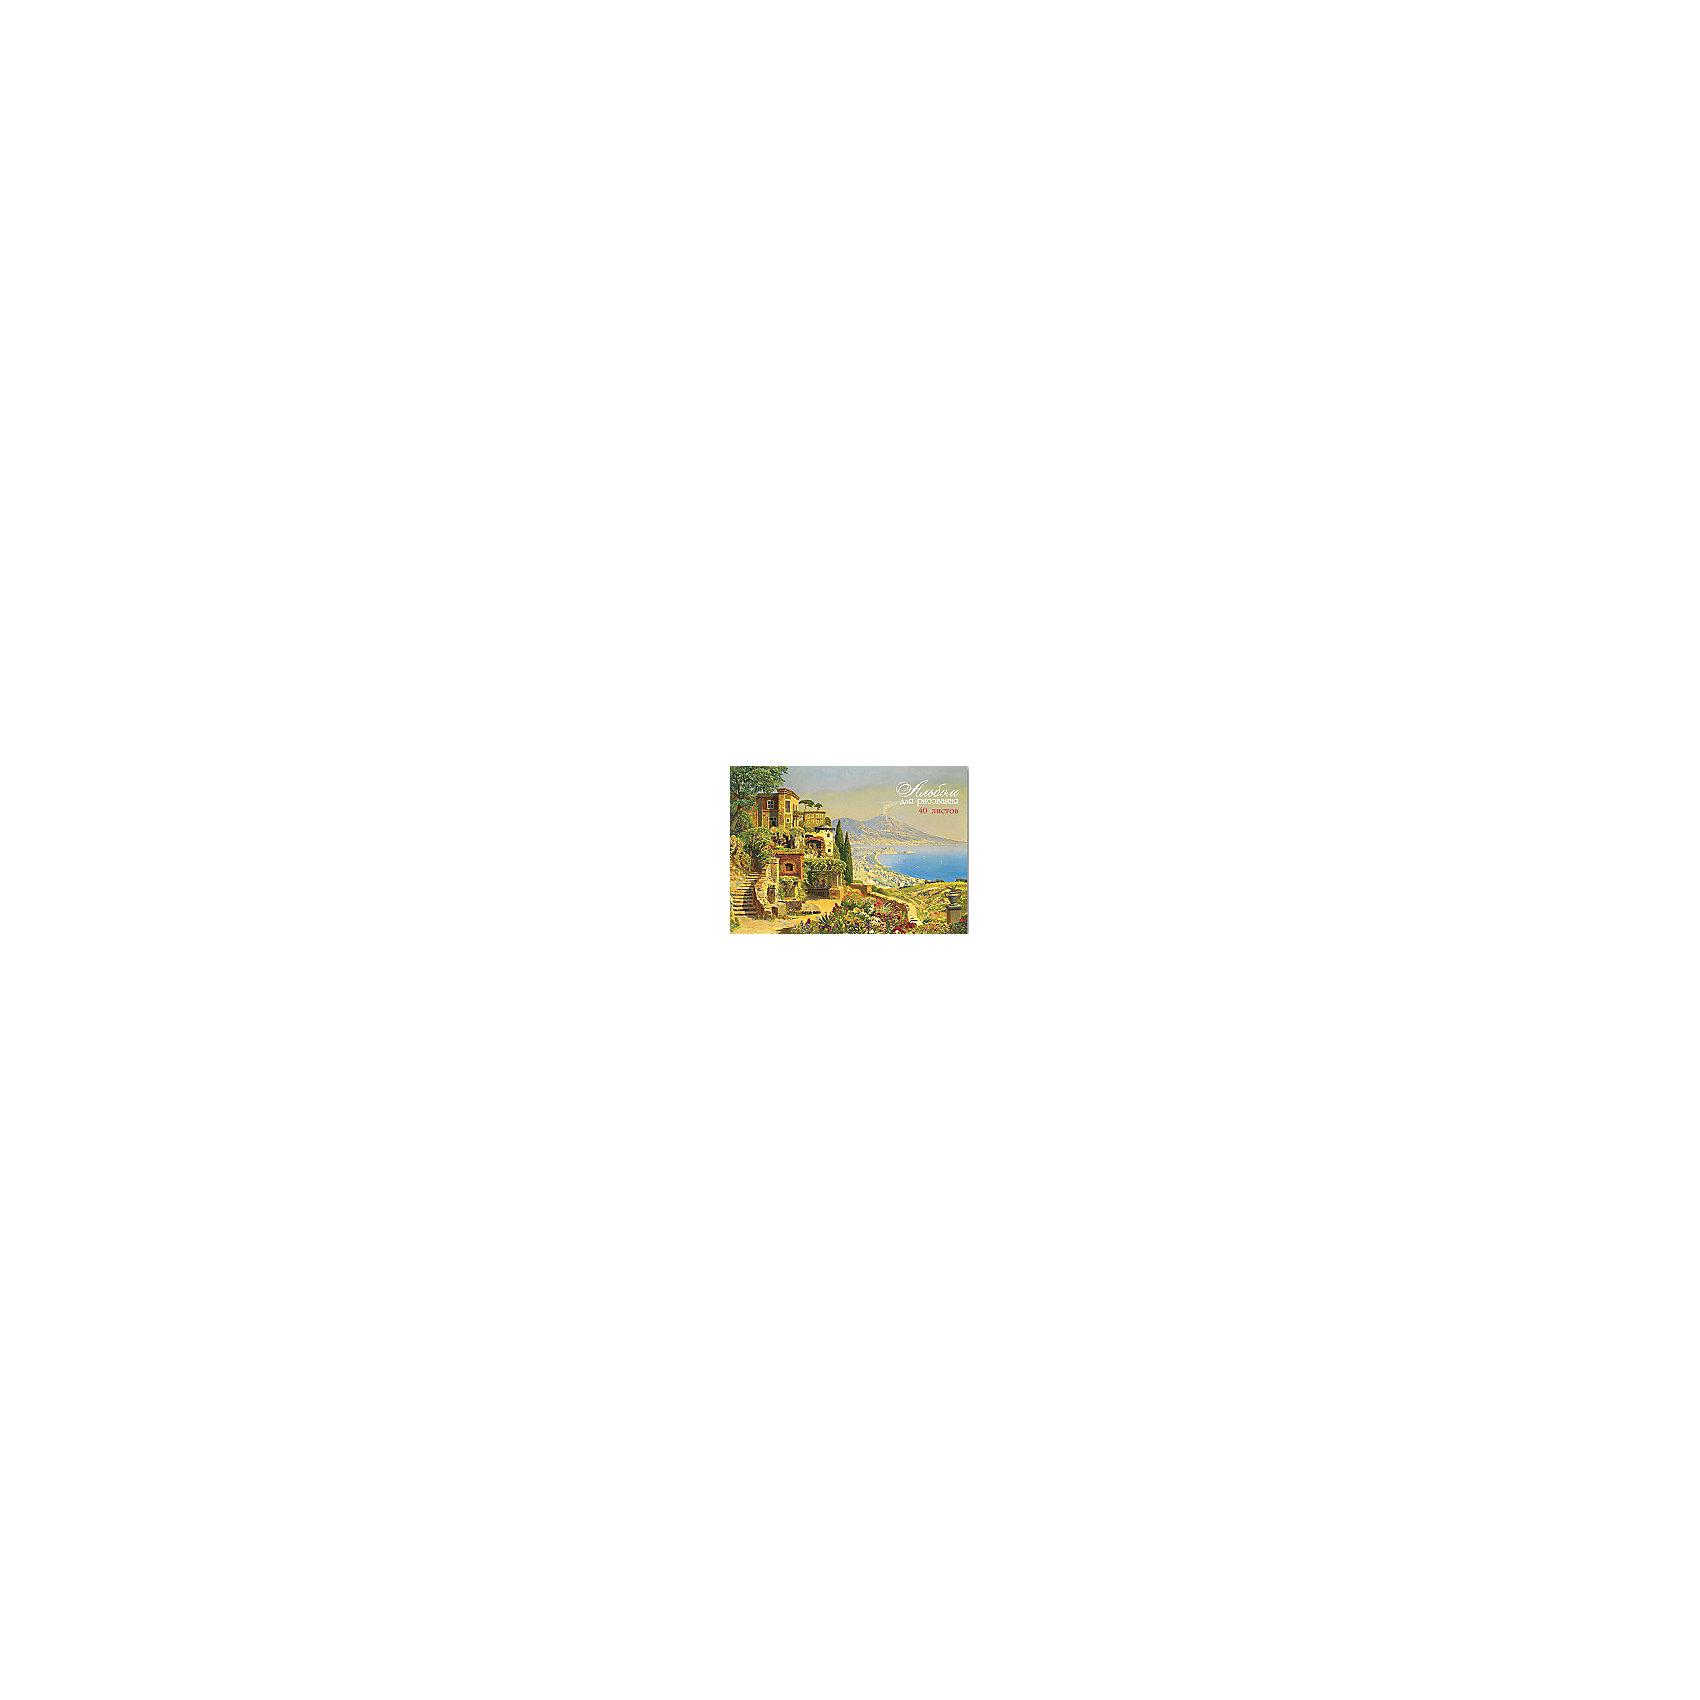 Альбом для рисования Город у моря, 40 лБумажная продукция<br>Скоро 1 сентября, а значит Вашему ребенку обязательно понадобиться альбом для рисования!<br><br>Дополнительная информация:<br><br>- Возраст: от 3 лет.<br>- 40 листов.<br>- Орнамент: город у моря.<br>- Формат: А4.<br>- Материал: бумага, картон.<br>- Размер упаковки: 29х20,5х0,6 см.<br>- Вес в упаковке: 265 г.<br><br>Купить альбом для рисования Город у моря можно в нашем магазине.<br><br>Ширина мм: 290<br>Глубина мм: 205<br>Высота мм: 6<br>Вес г: 265<br>Возраст от месяцев: 36<br>Возраст до месяцев: 2147483647<br>Пол: Унисекс<br>Возраст: Детский<br>SKU: 4943453